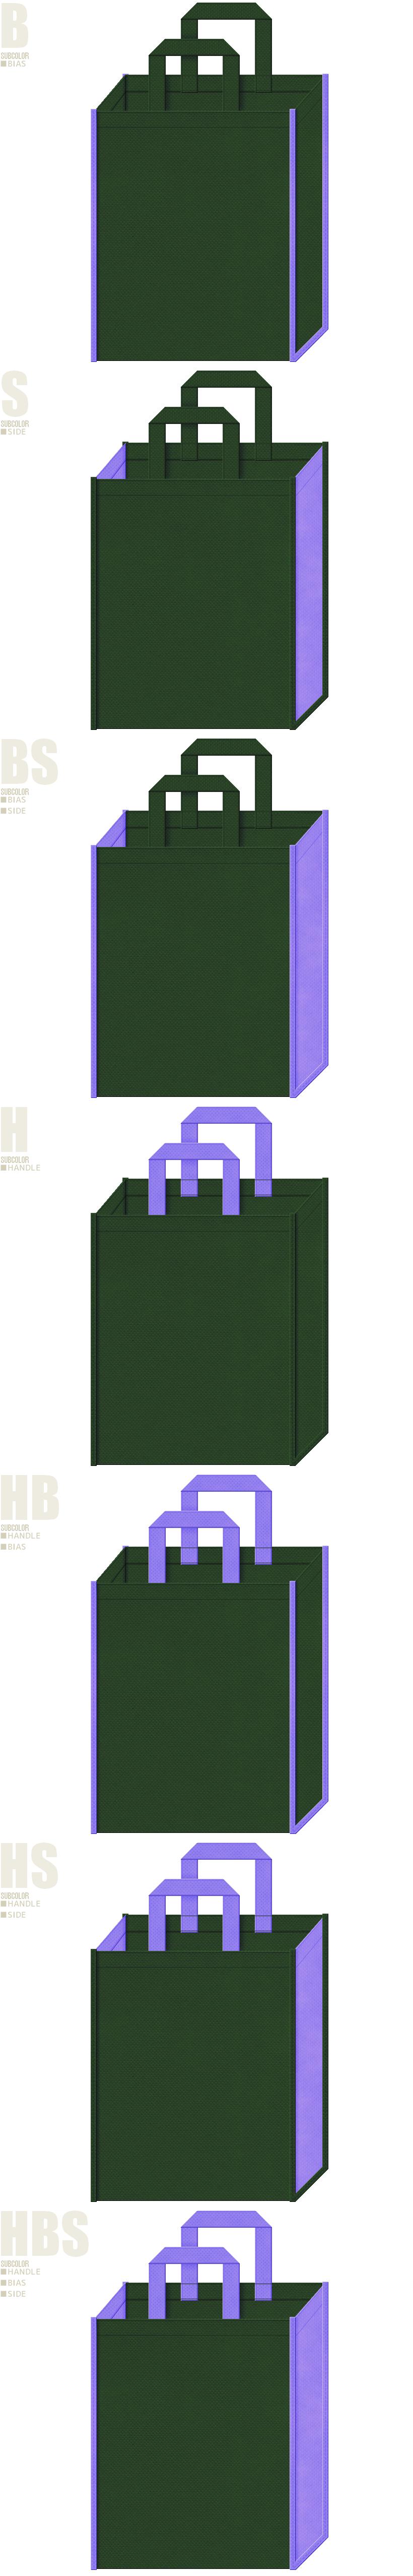 藤・花菖蒲・華道・生け花・邦楽演奏会・和風庭園・和風催事にお奨めの不織布バッグデザイン:濃緑色と薄紫色の配色7パターン